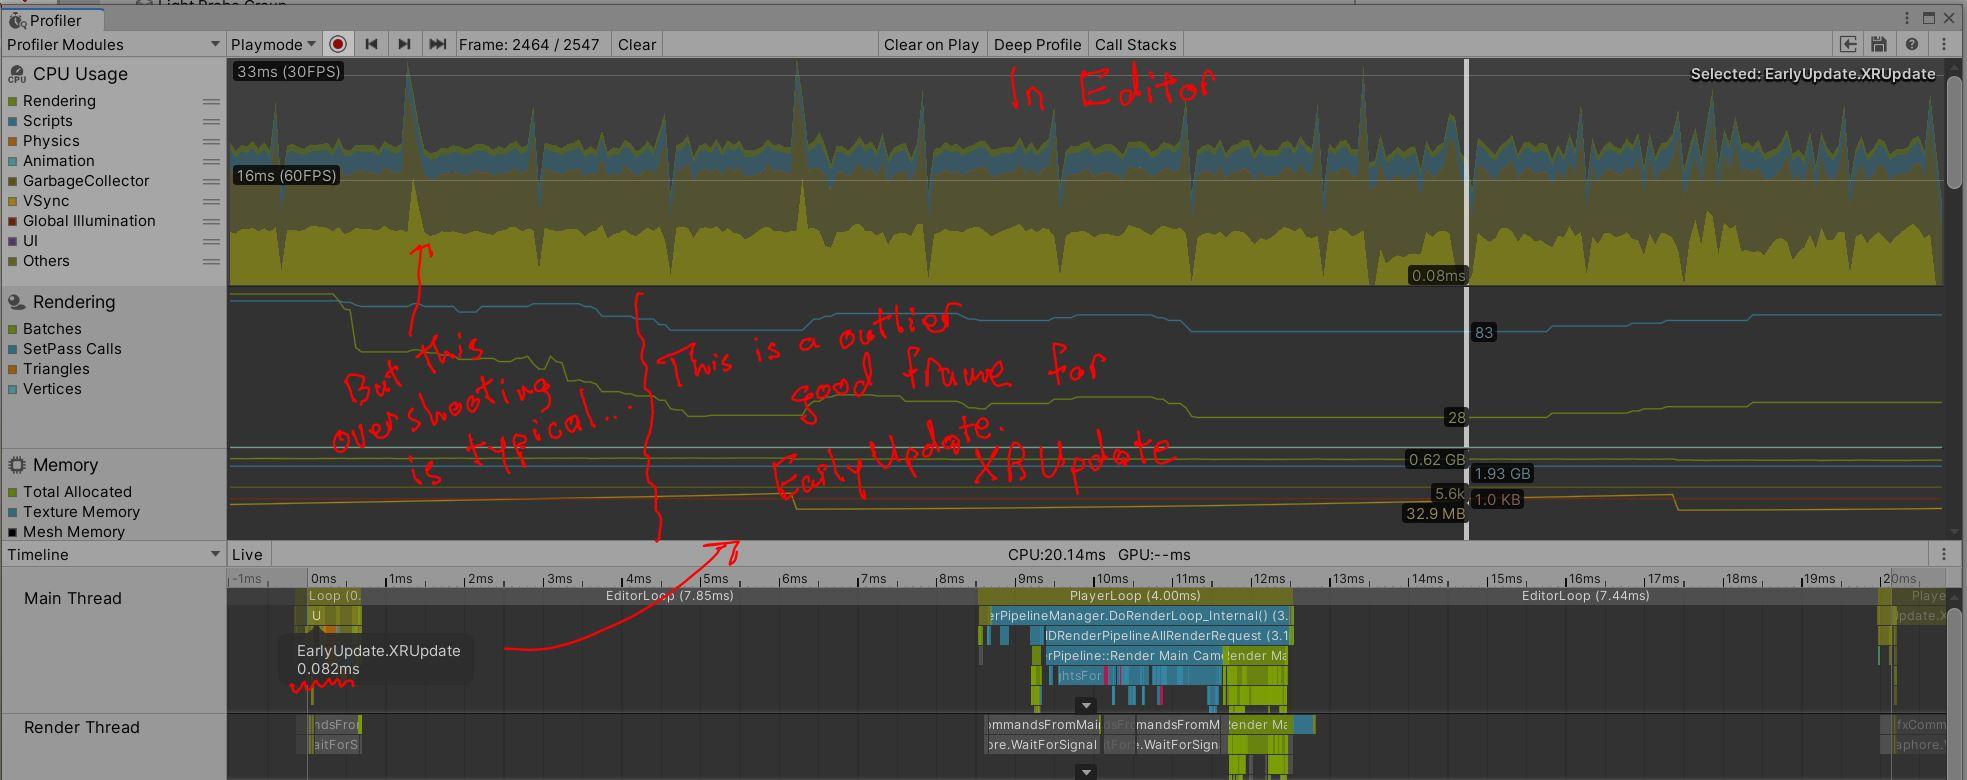 Editor Profiler Good Frame Outlier.JPG